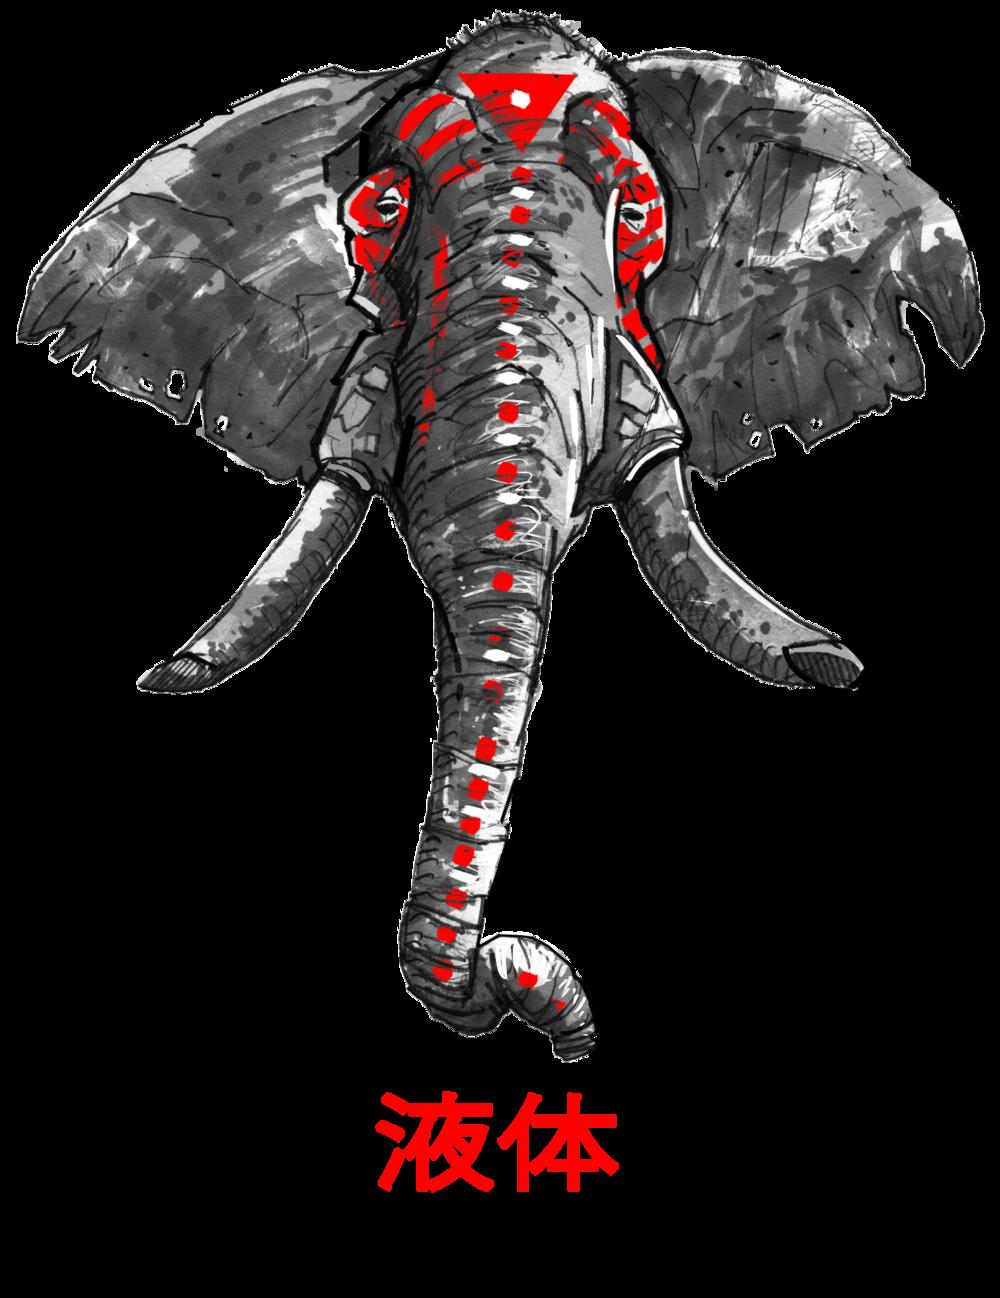 eliphant art_zulu_.png